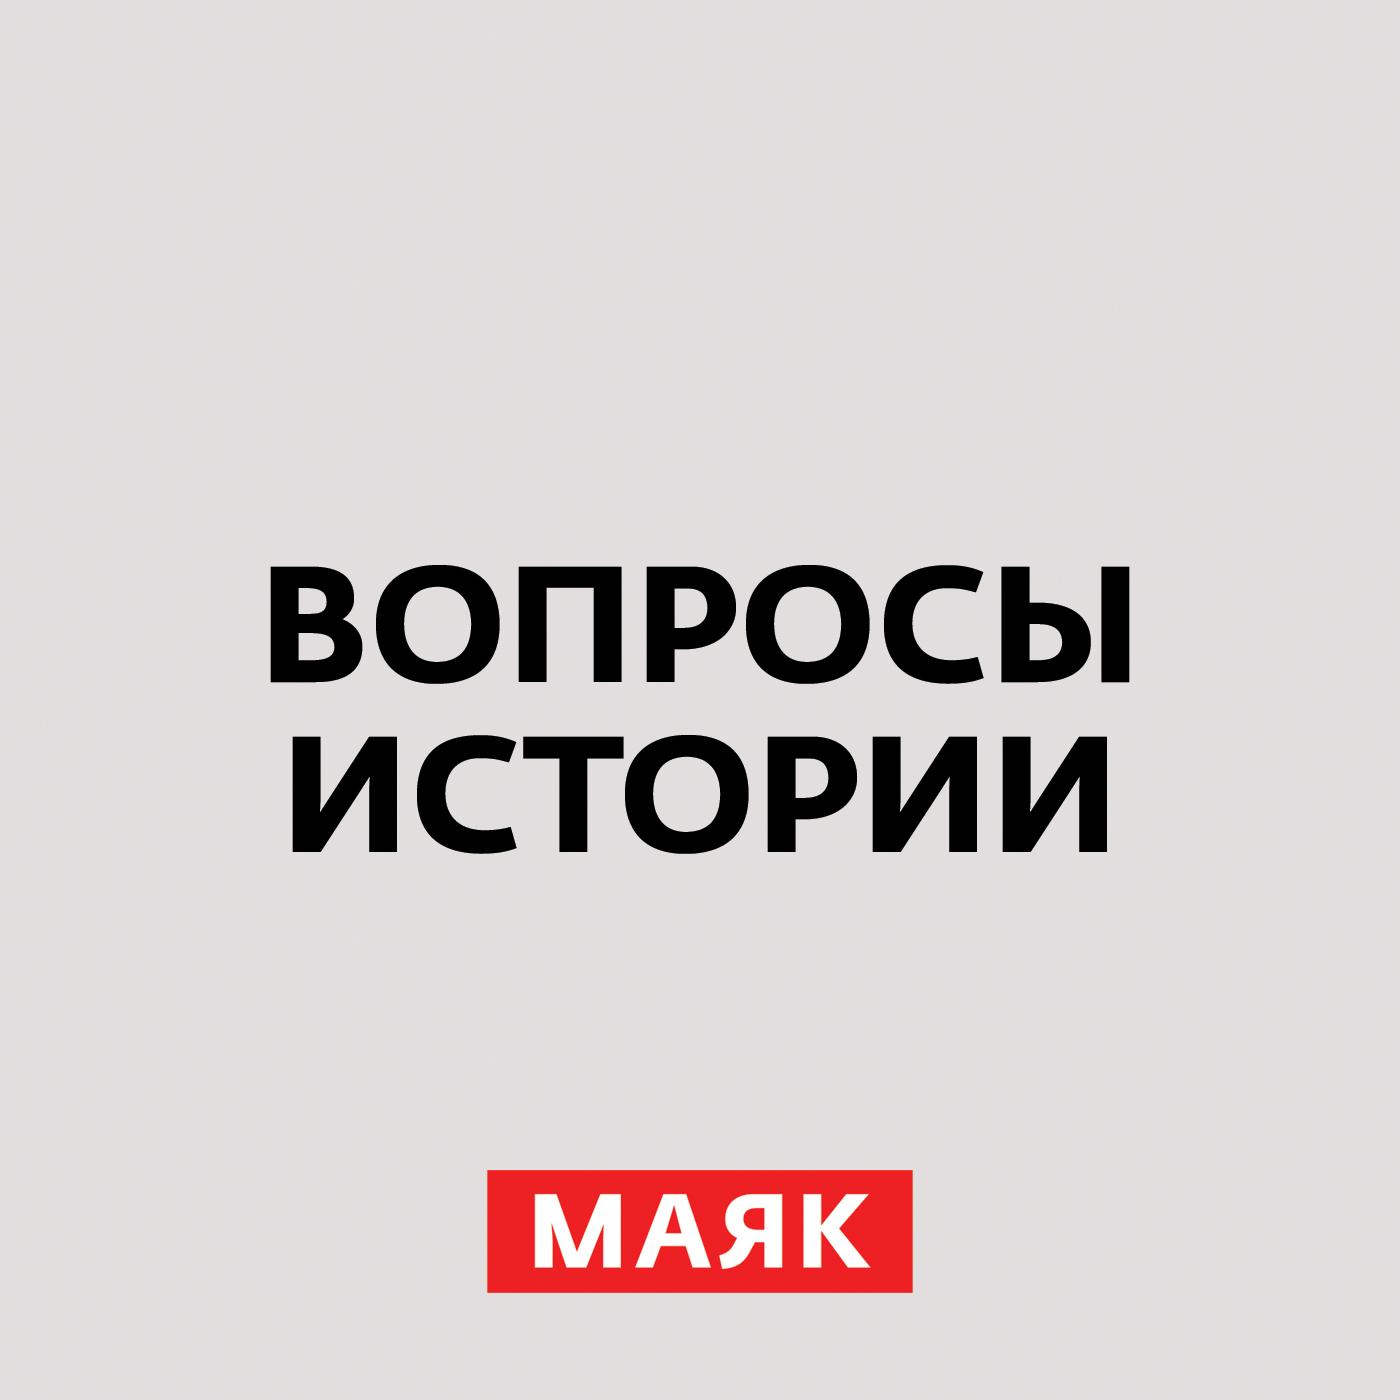 Андрей Светенко Октябрь 41-го года: паника в Москве. Часть 1 meladerm купить в москве